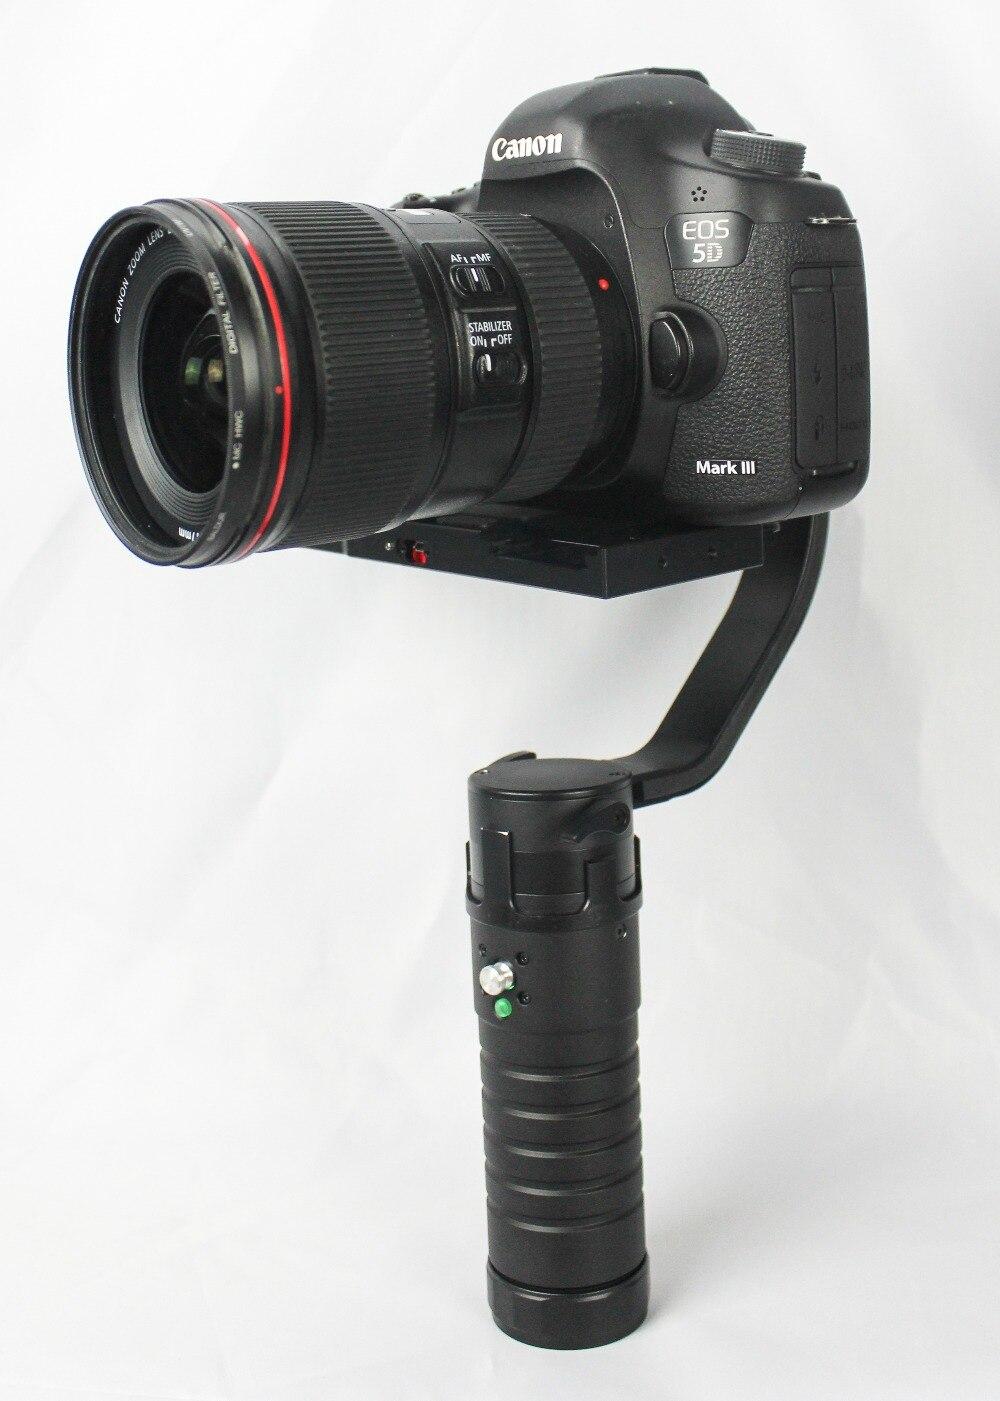 F16556 Beholder DS1 3-Axle Handhled Gimbal Stabilzier Support Canon 5D 6D 7D DSLR VS MS1 Nebula 4000 lite brushless gimbal metal holder bracket for dslr beholder ds1 gimbal ms1 ec1